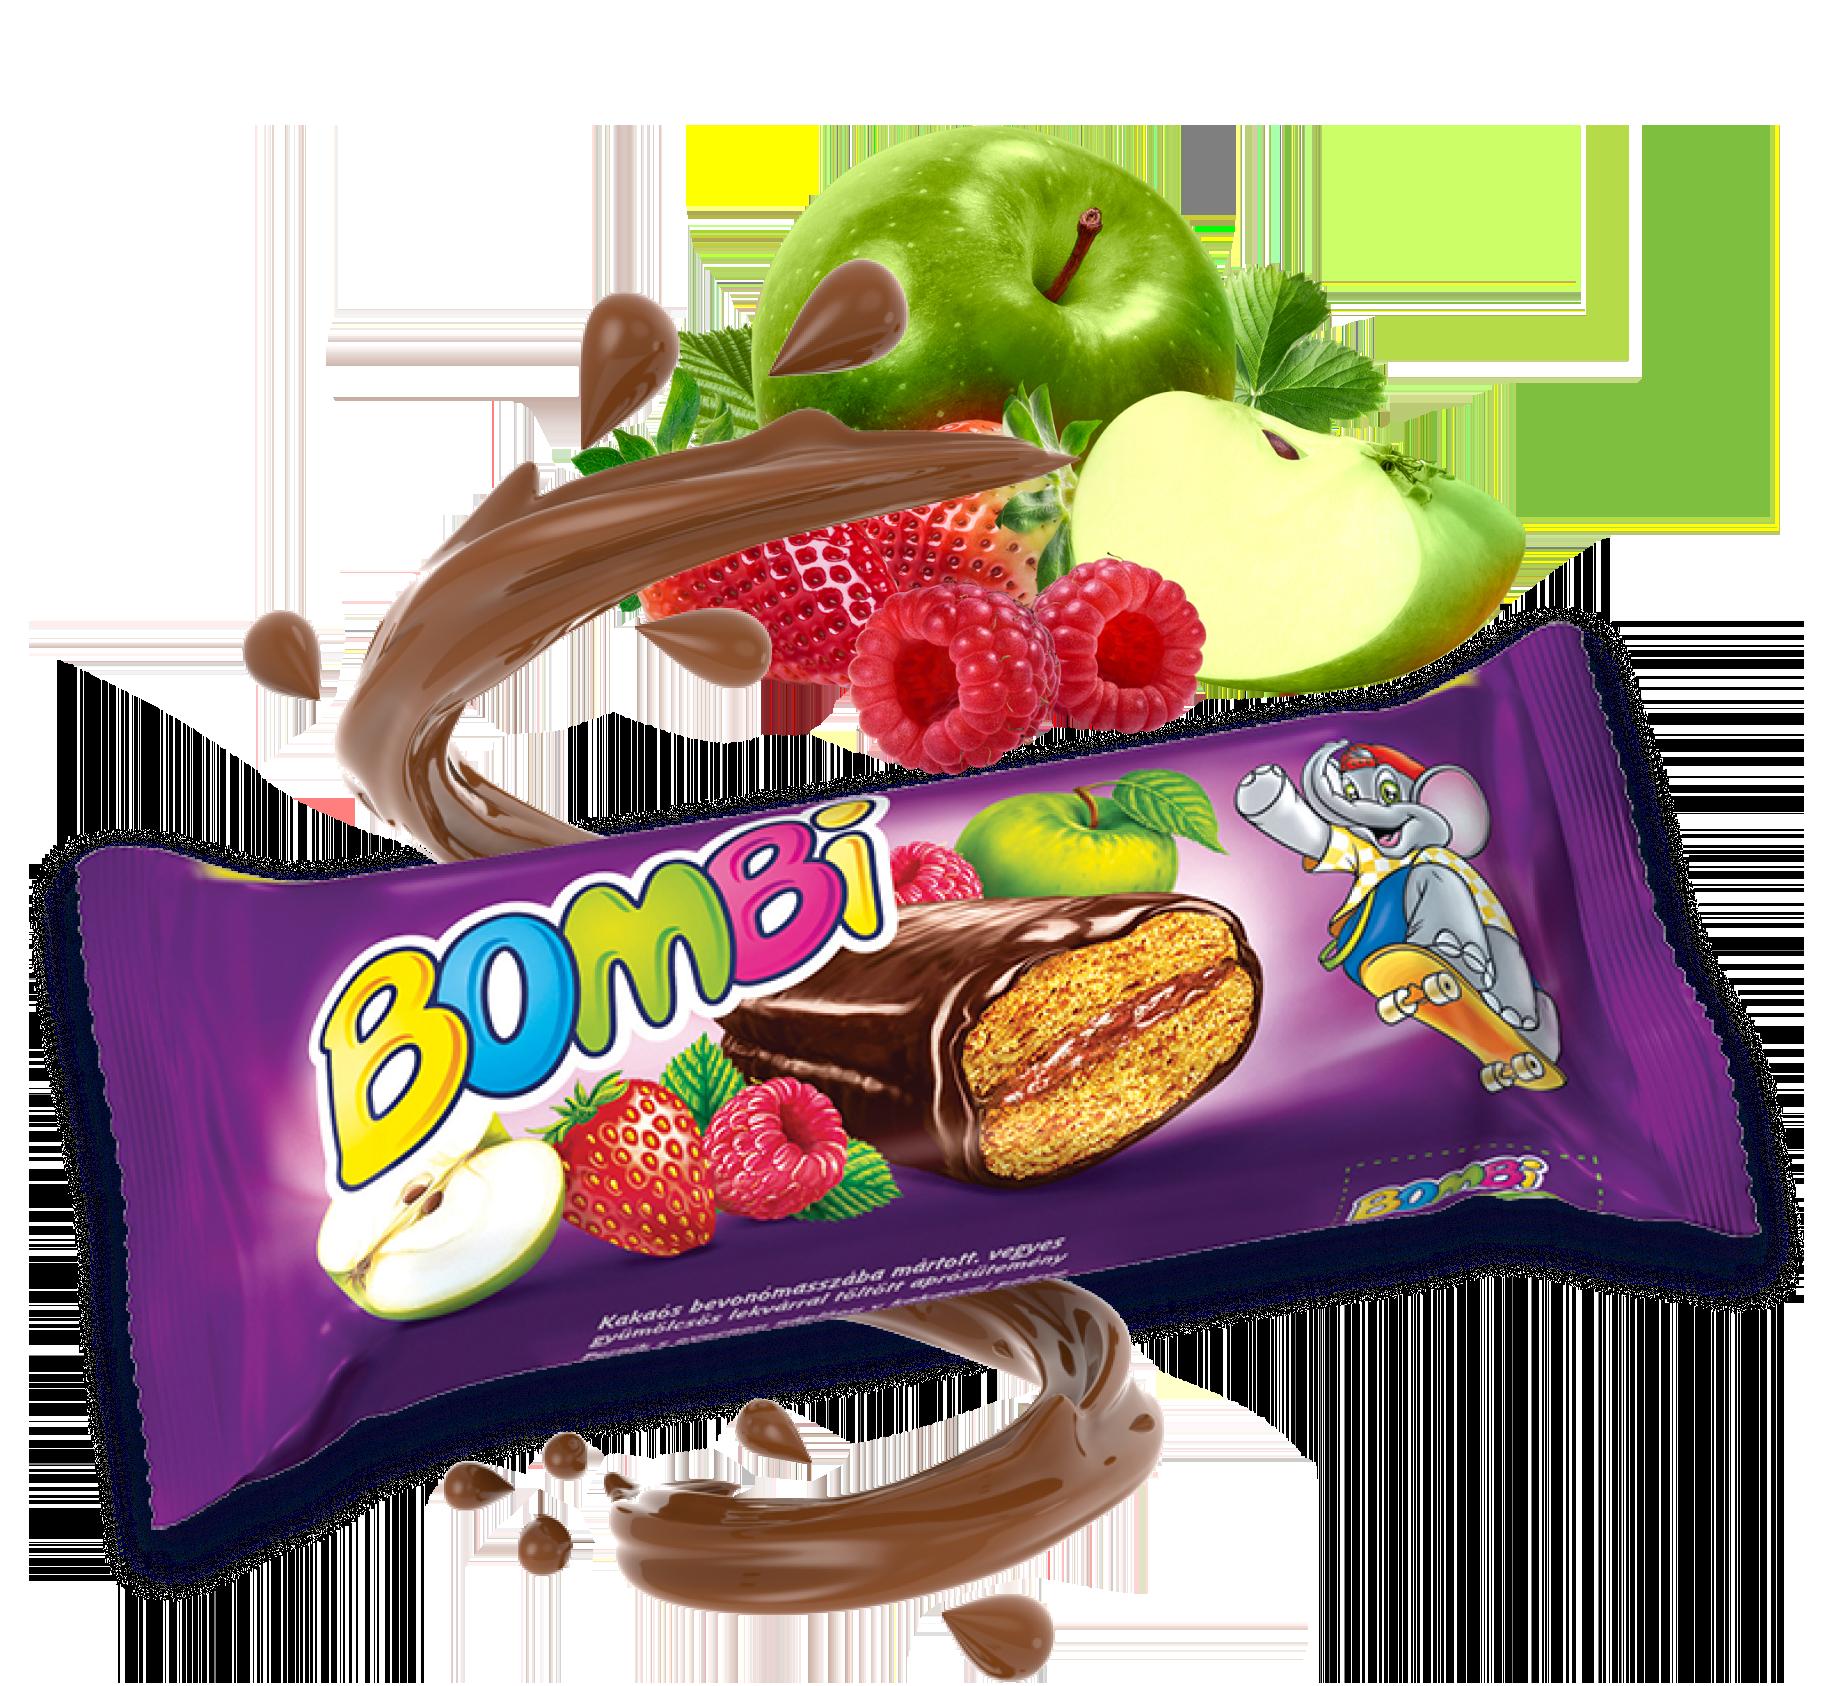 Vegyes gyümölcsös puszedli 45g csomagolása